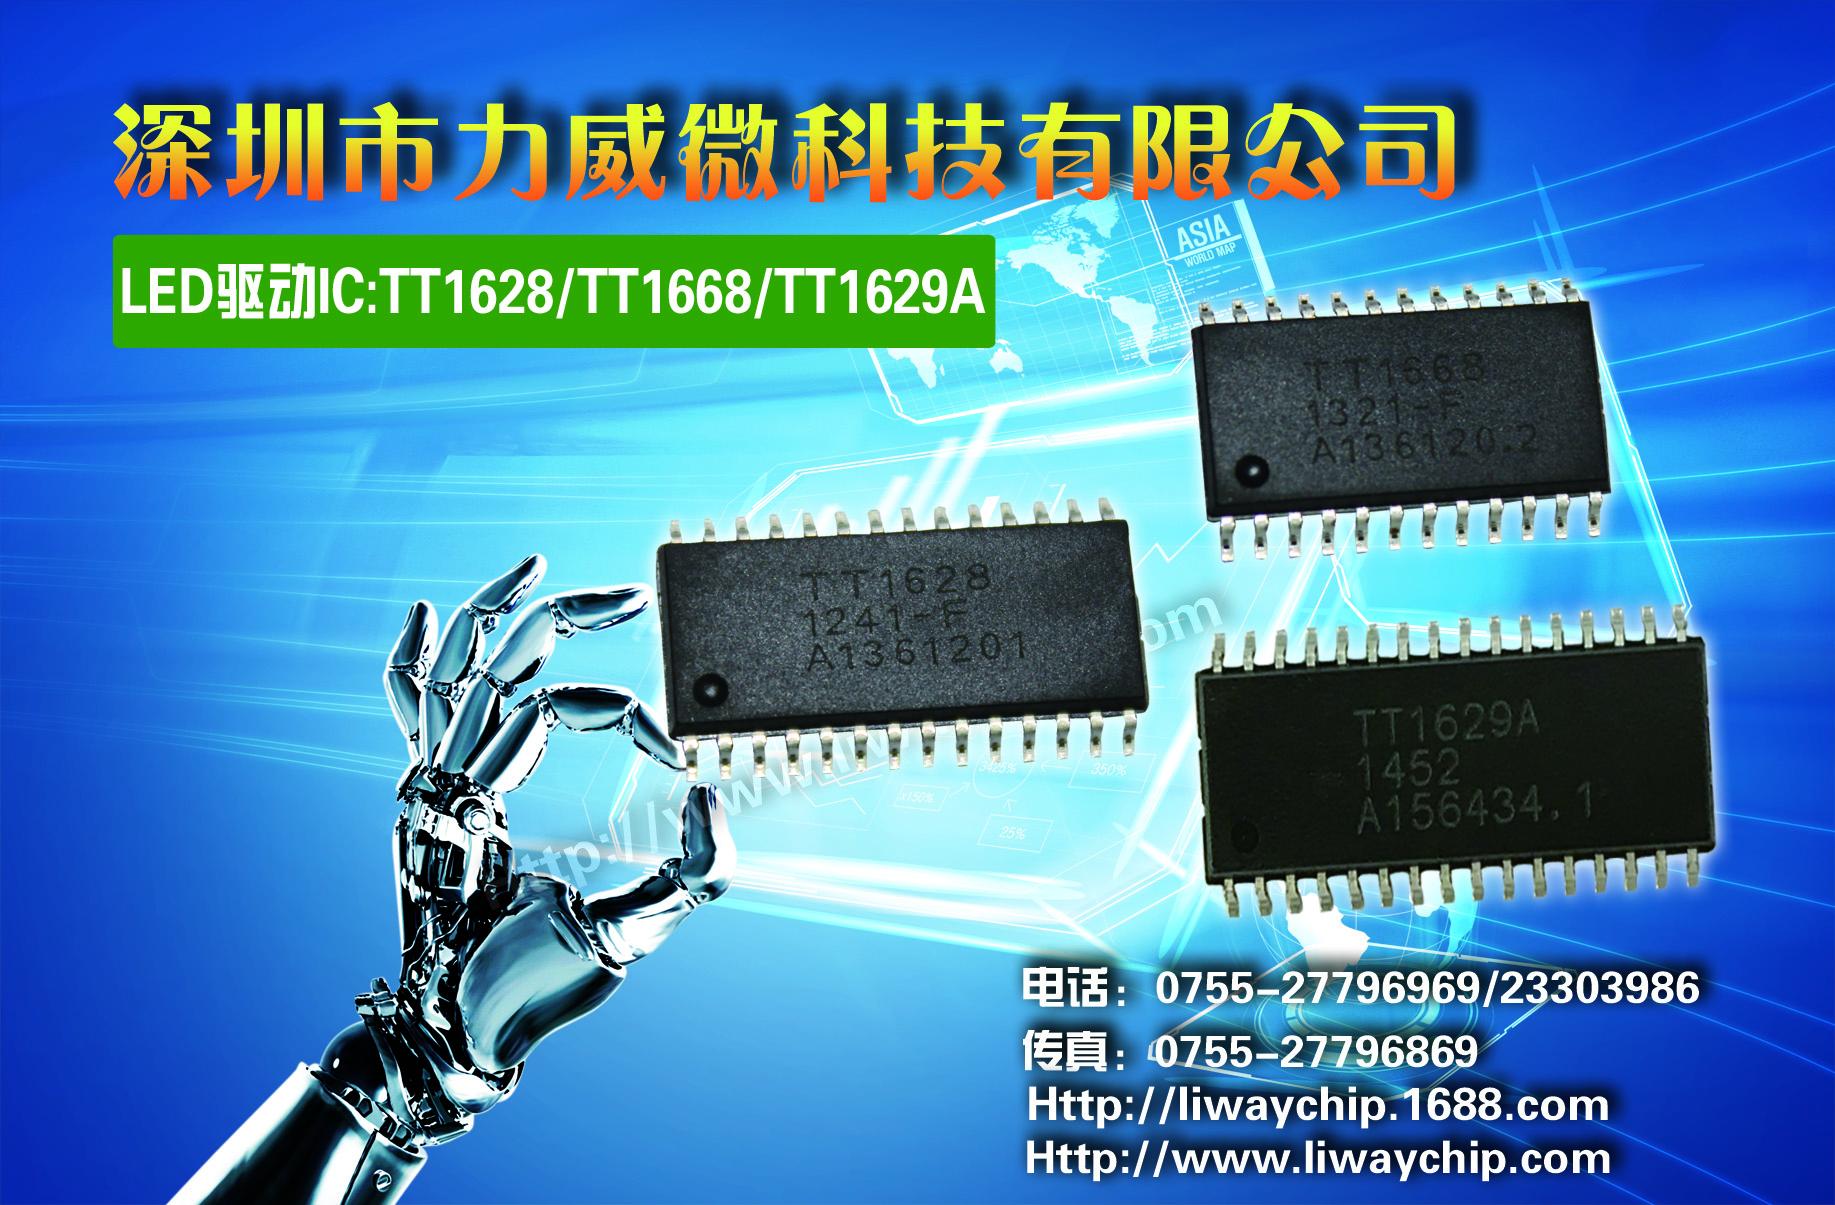 深圳led驱动电路tt1629a报价